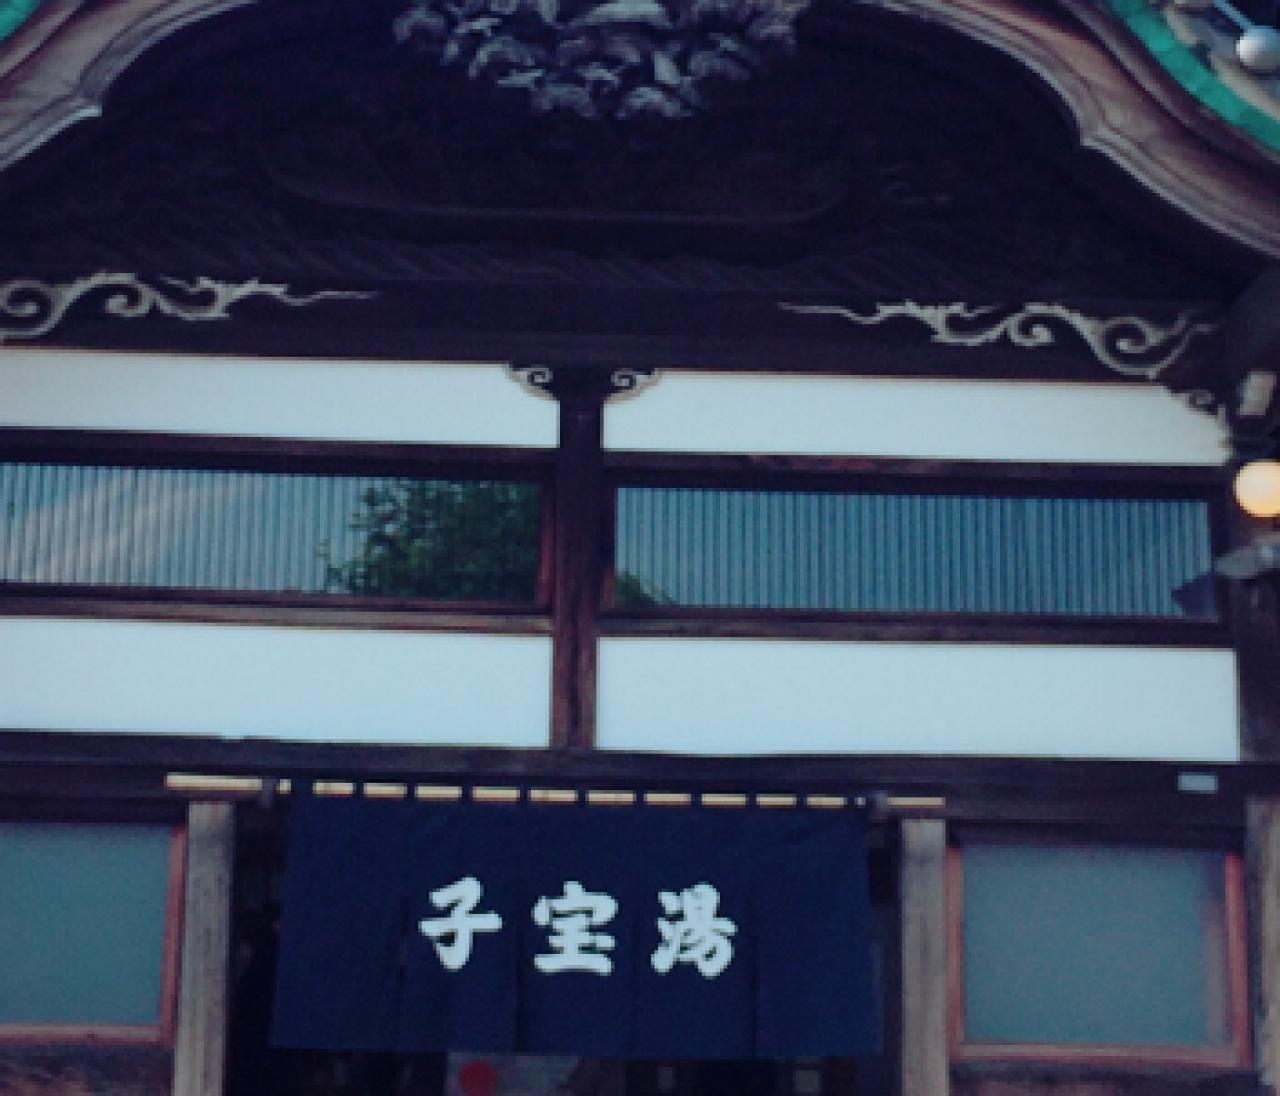 千と千尋の神隠し、もしくはAlways3丁目の世界。江戸東京たてもの園